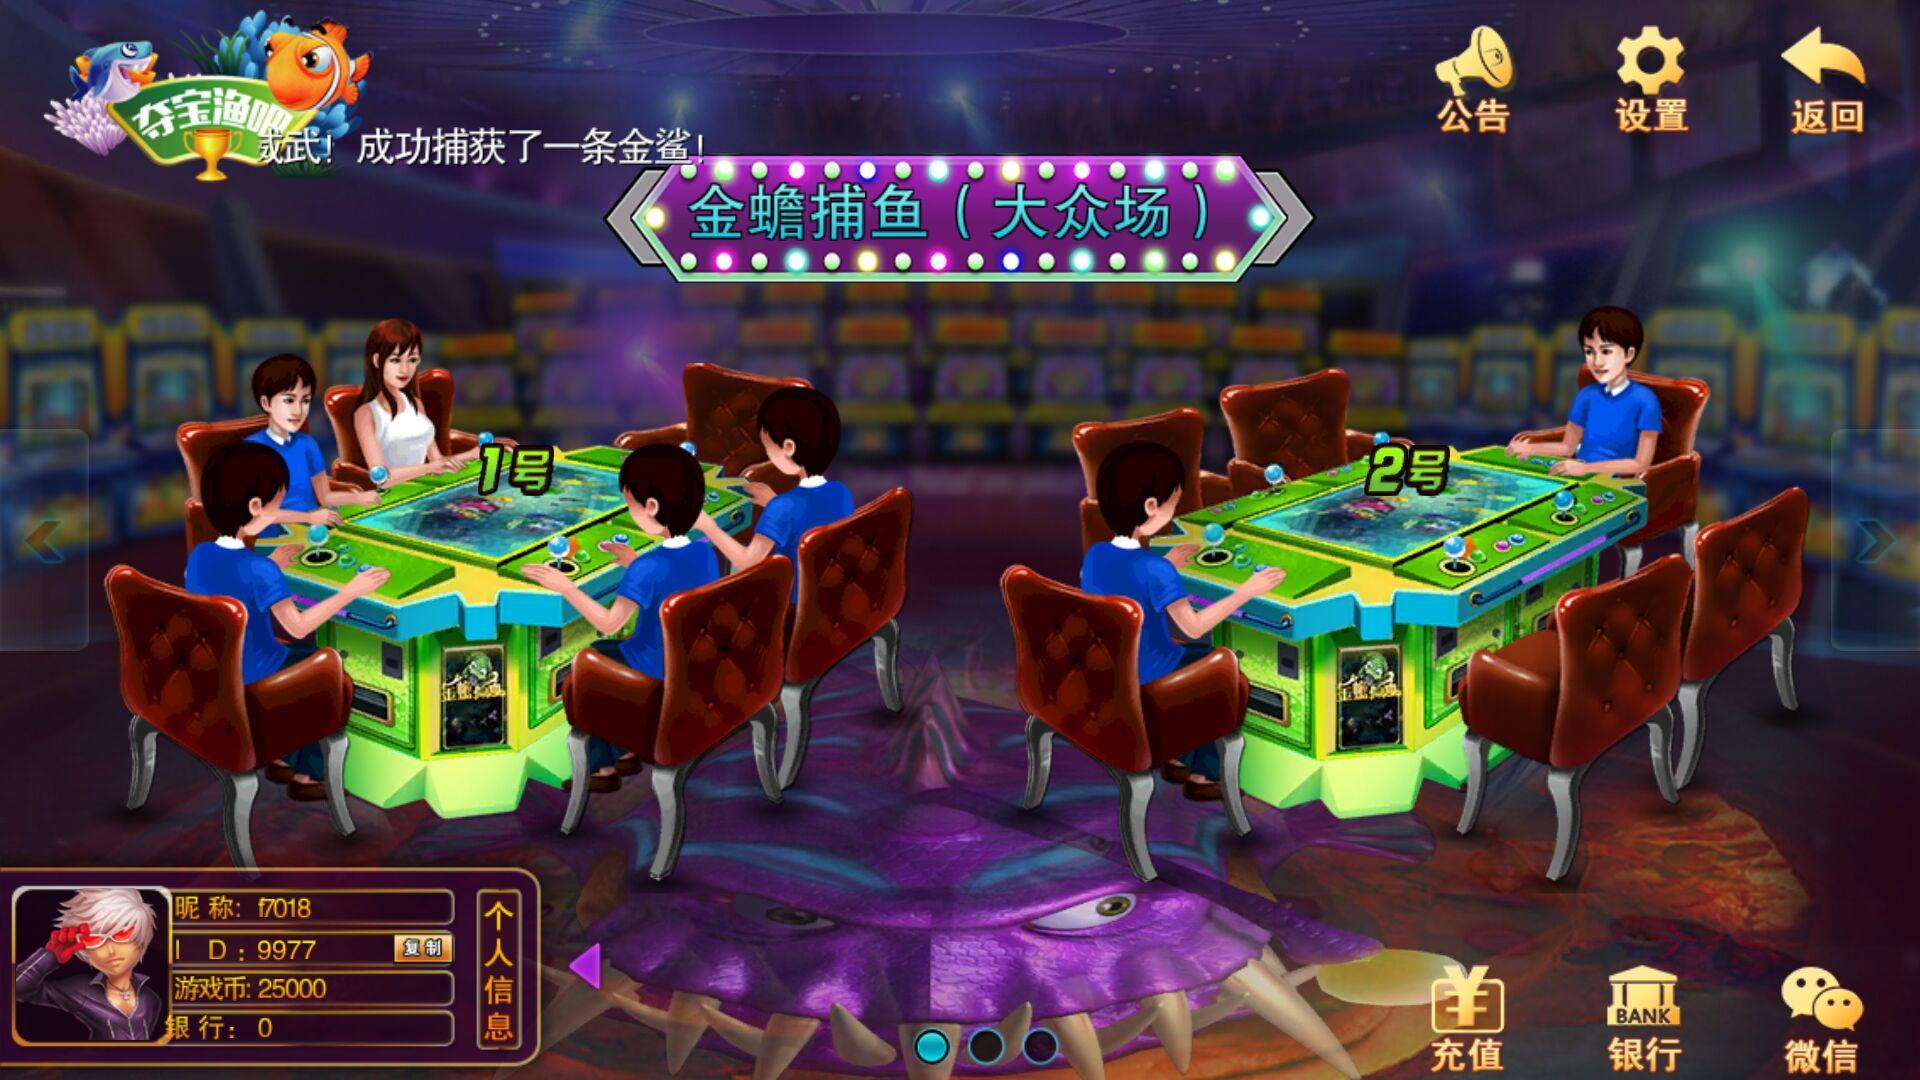 富贵电玩2代 海王2 富贵电玩修复版 修复微信登录 完美控制插图(2)